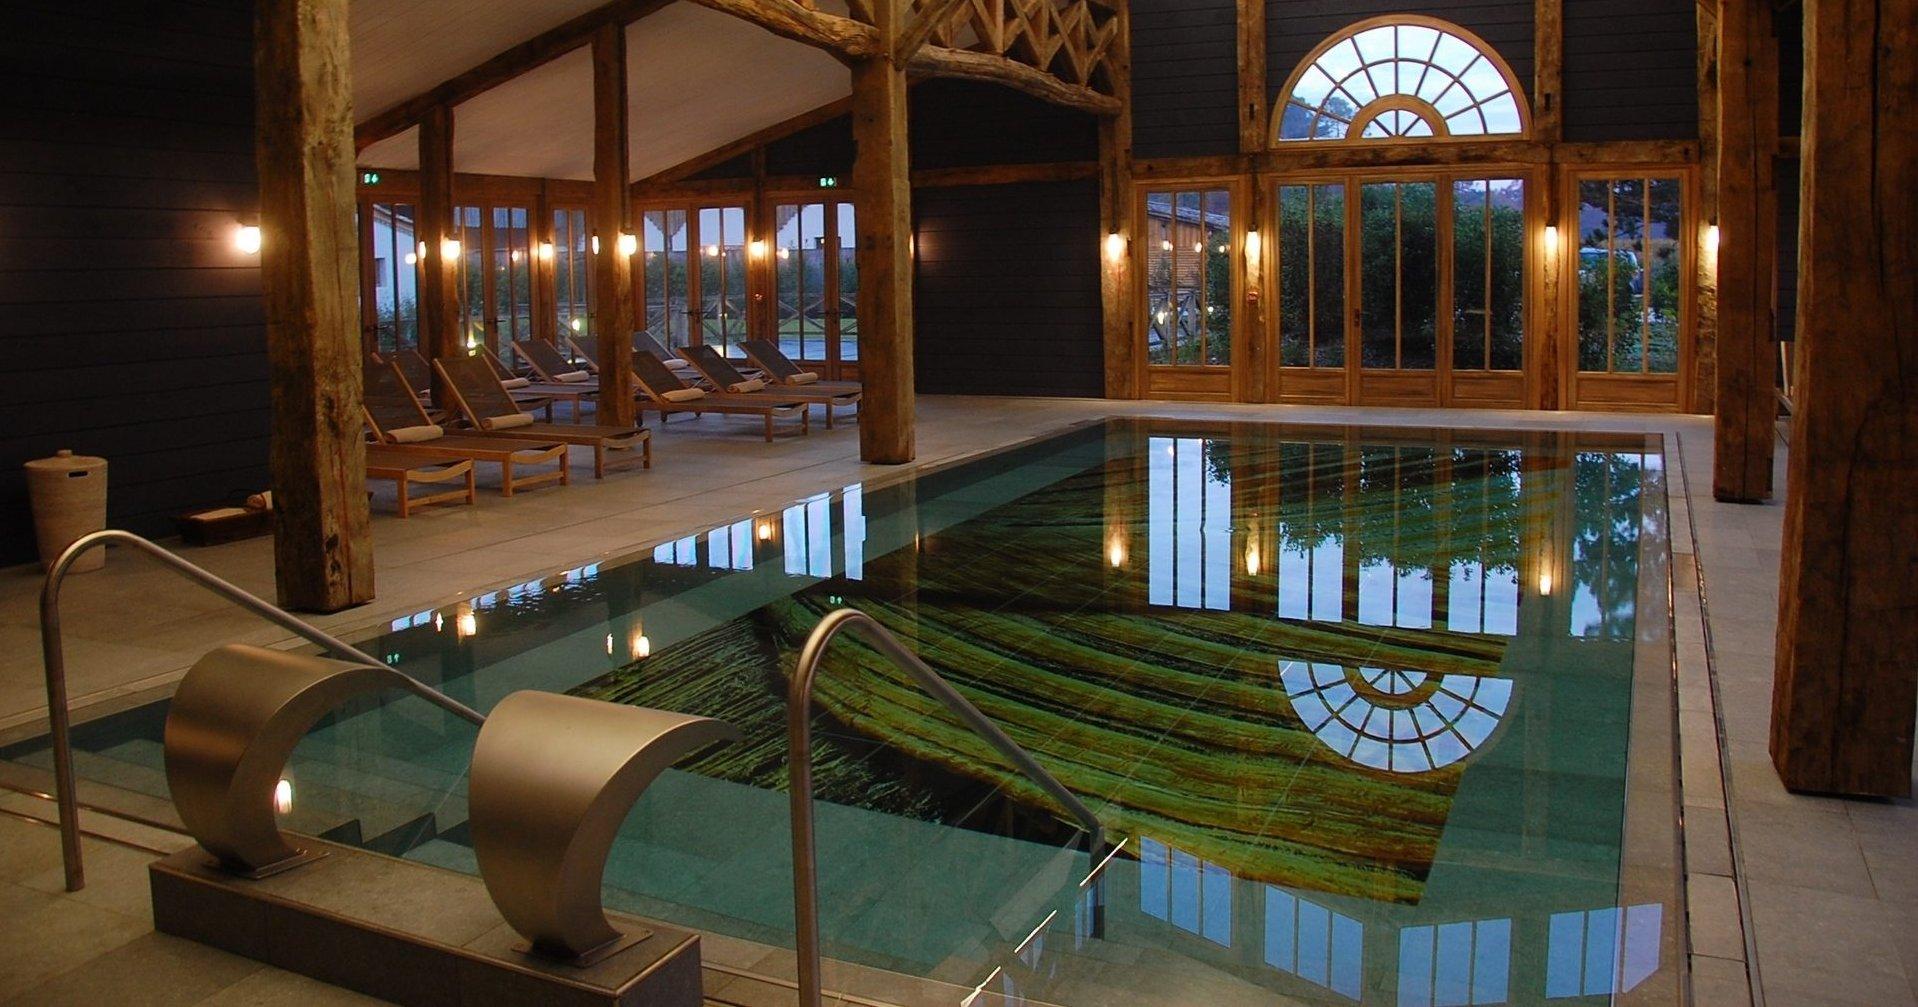 Les-Sources-de-caudalie-spa-pool